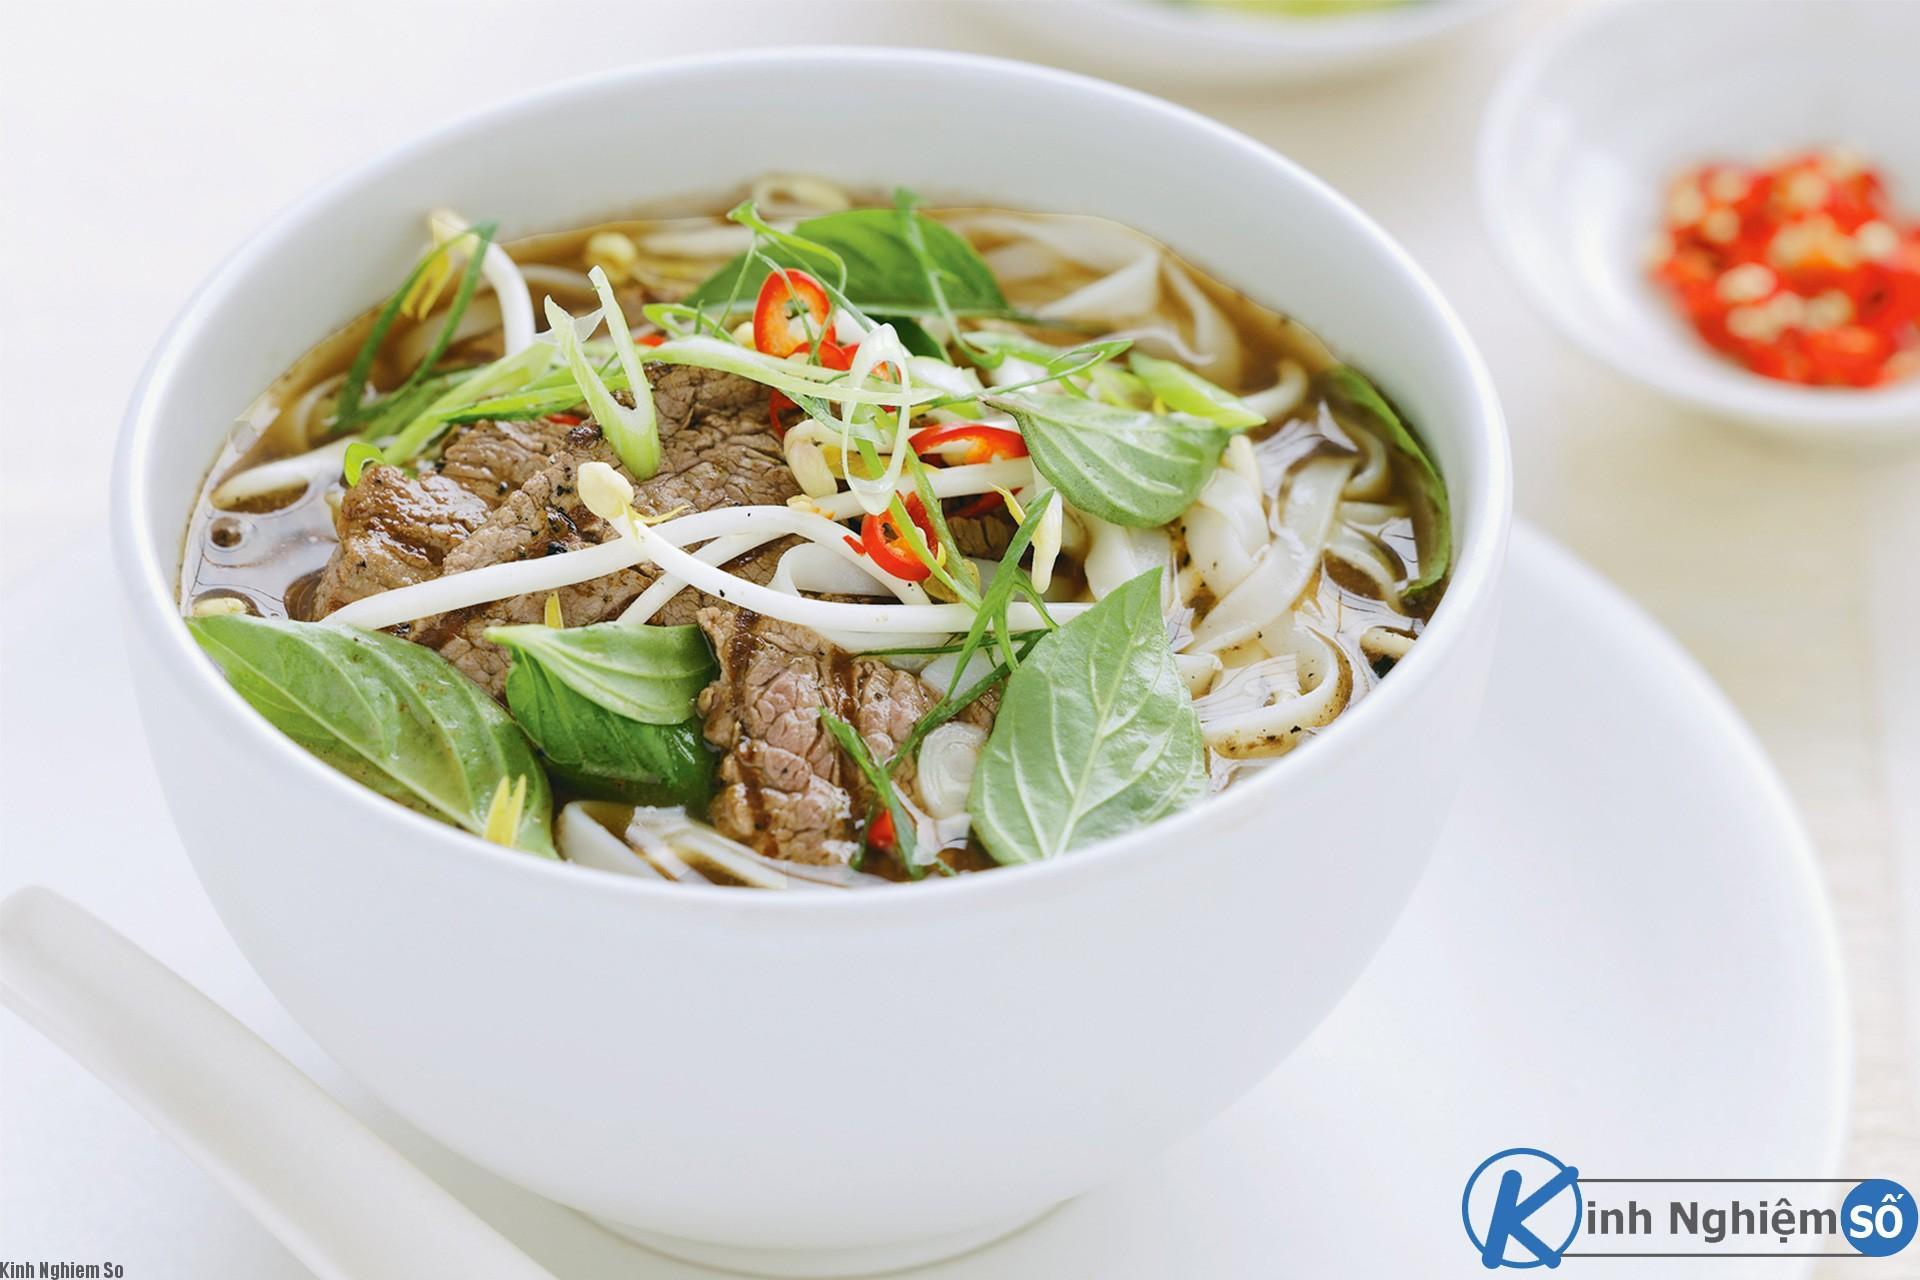 Khám phá ăn gì ở Hà Nội